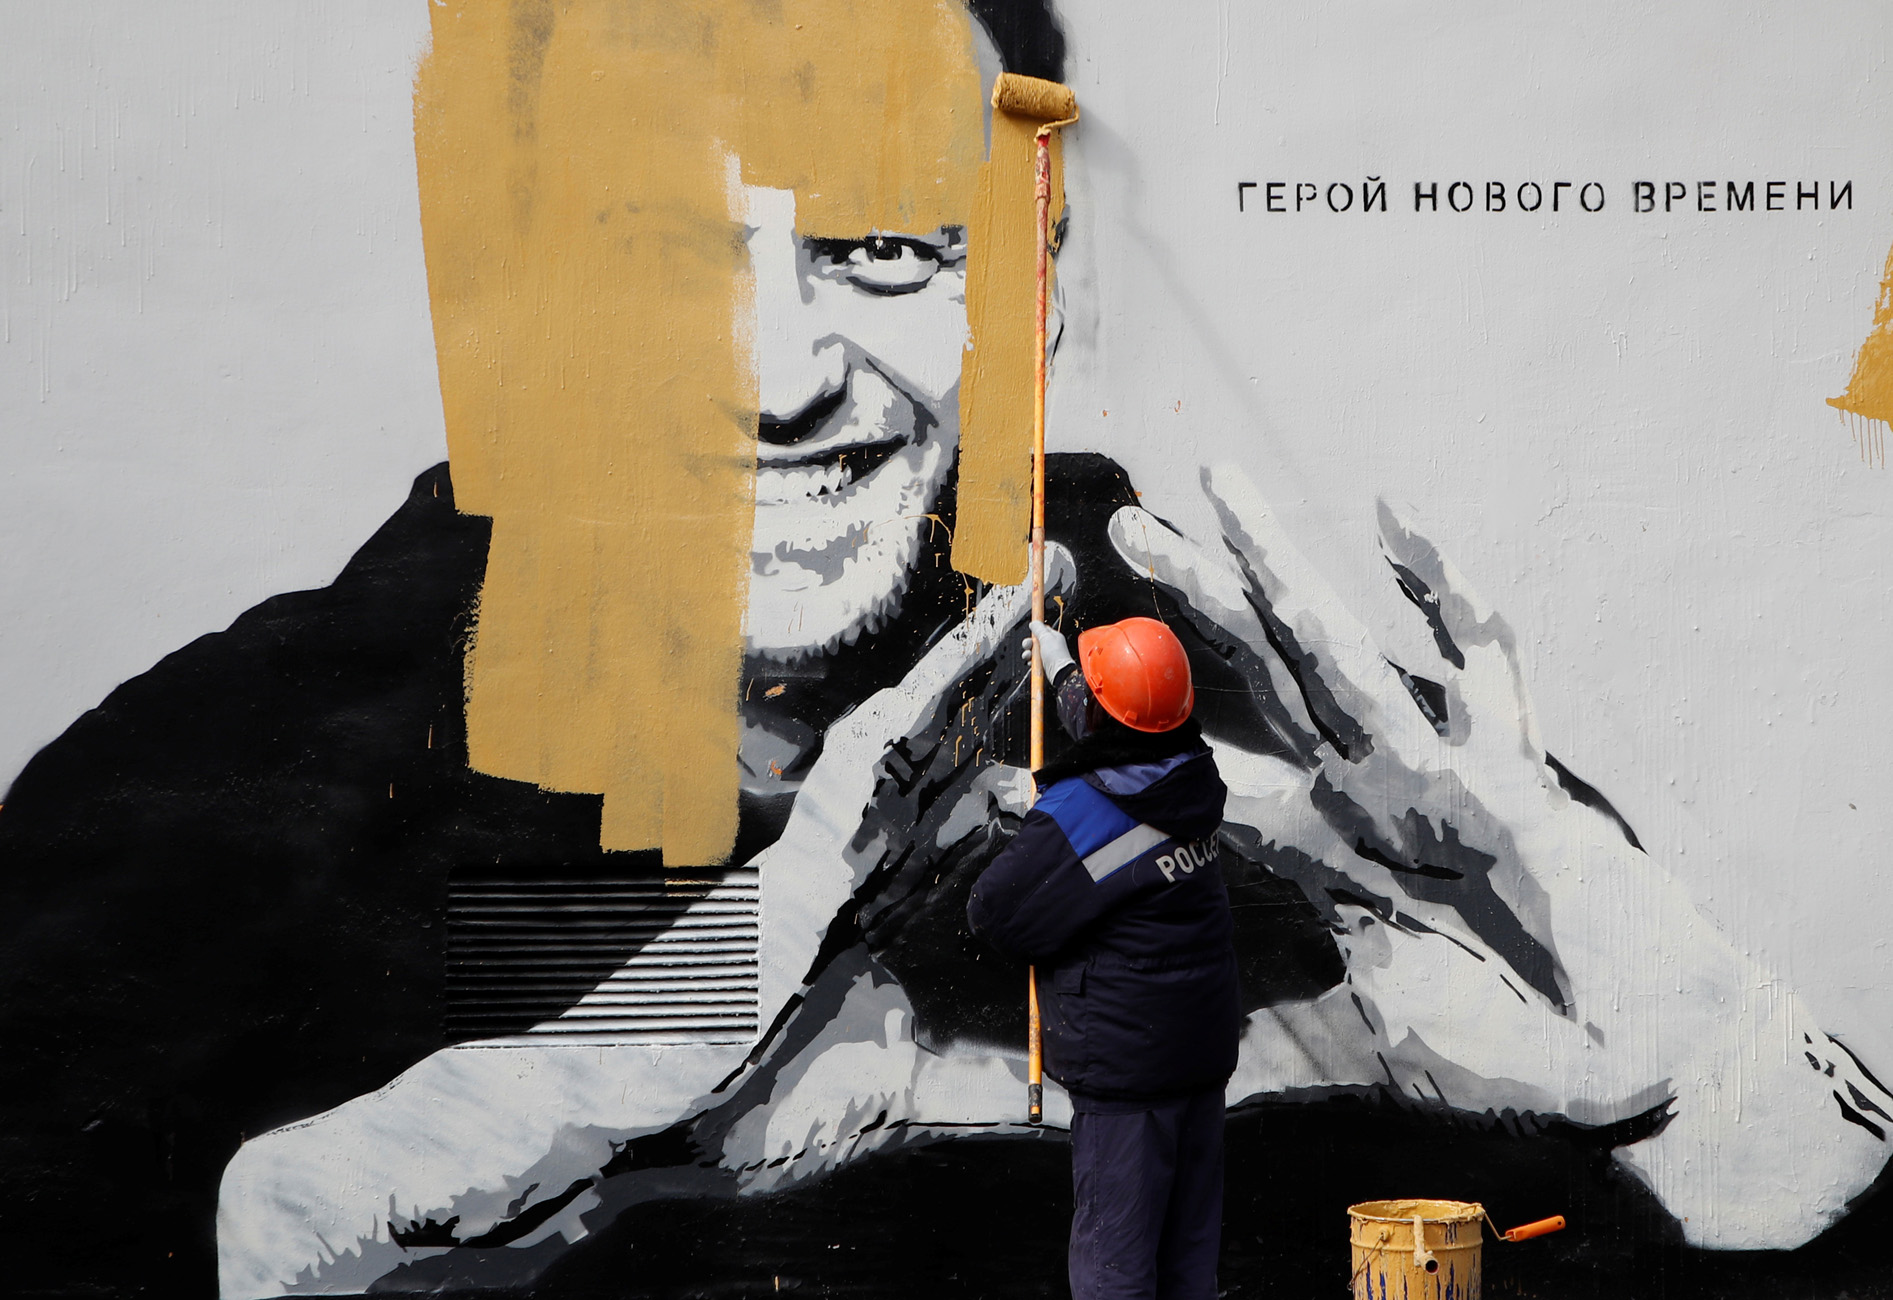 Ναβάλνι: Οι αρχές εξαφάνισαν γκράφιτι με το πρόσωπό του στην Αγία Πετρούπολη